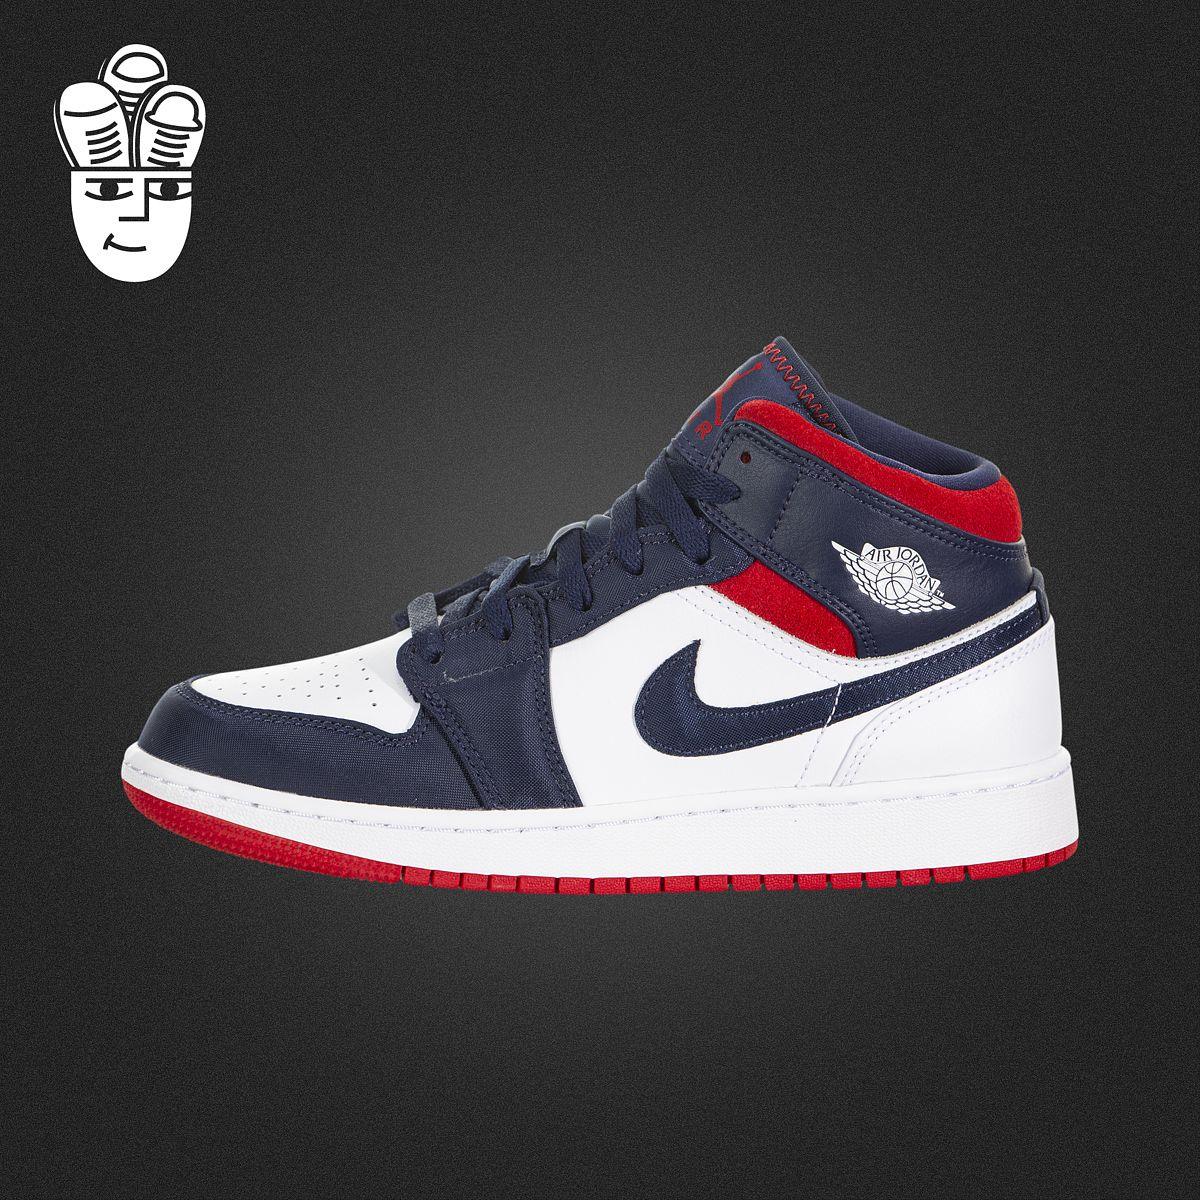 Air Jordan 1 Mid AJ1男鞋女鞋GS 经典复刻篮球鞋 时尚中帮运动鞋图片